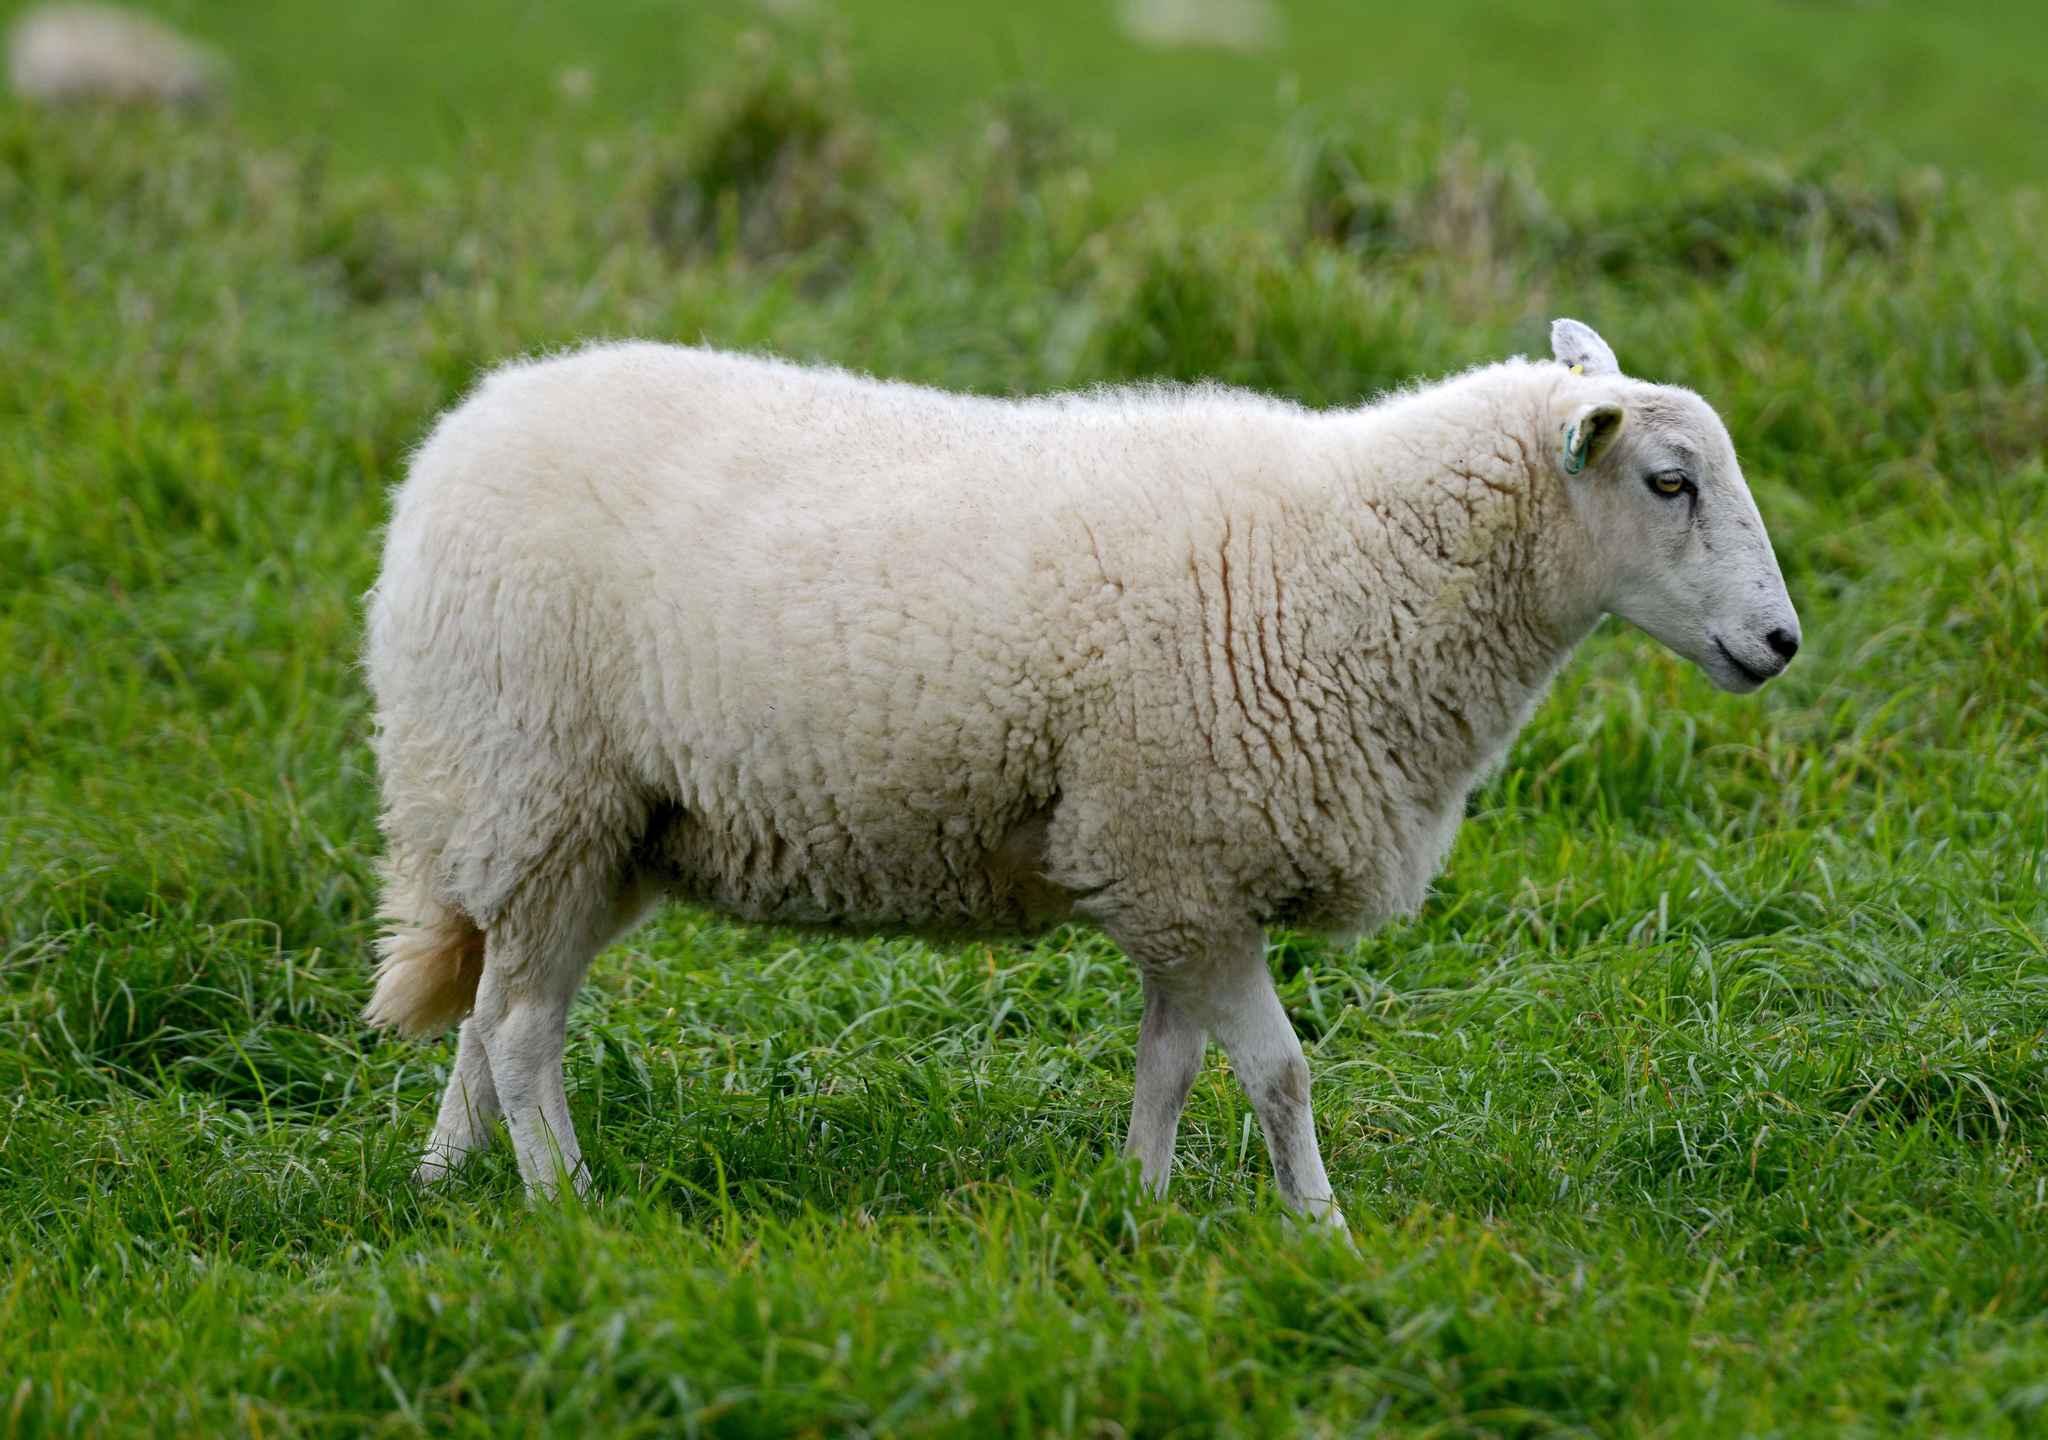 2048x1536-fit_moutons-place-tondeuses-vignes-alsace-illustration.jpg